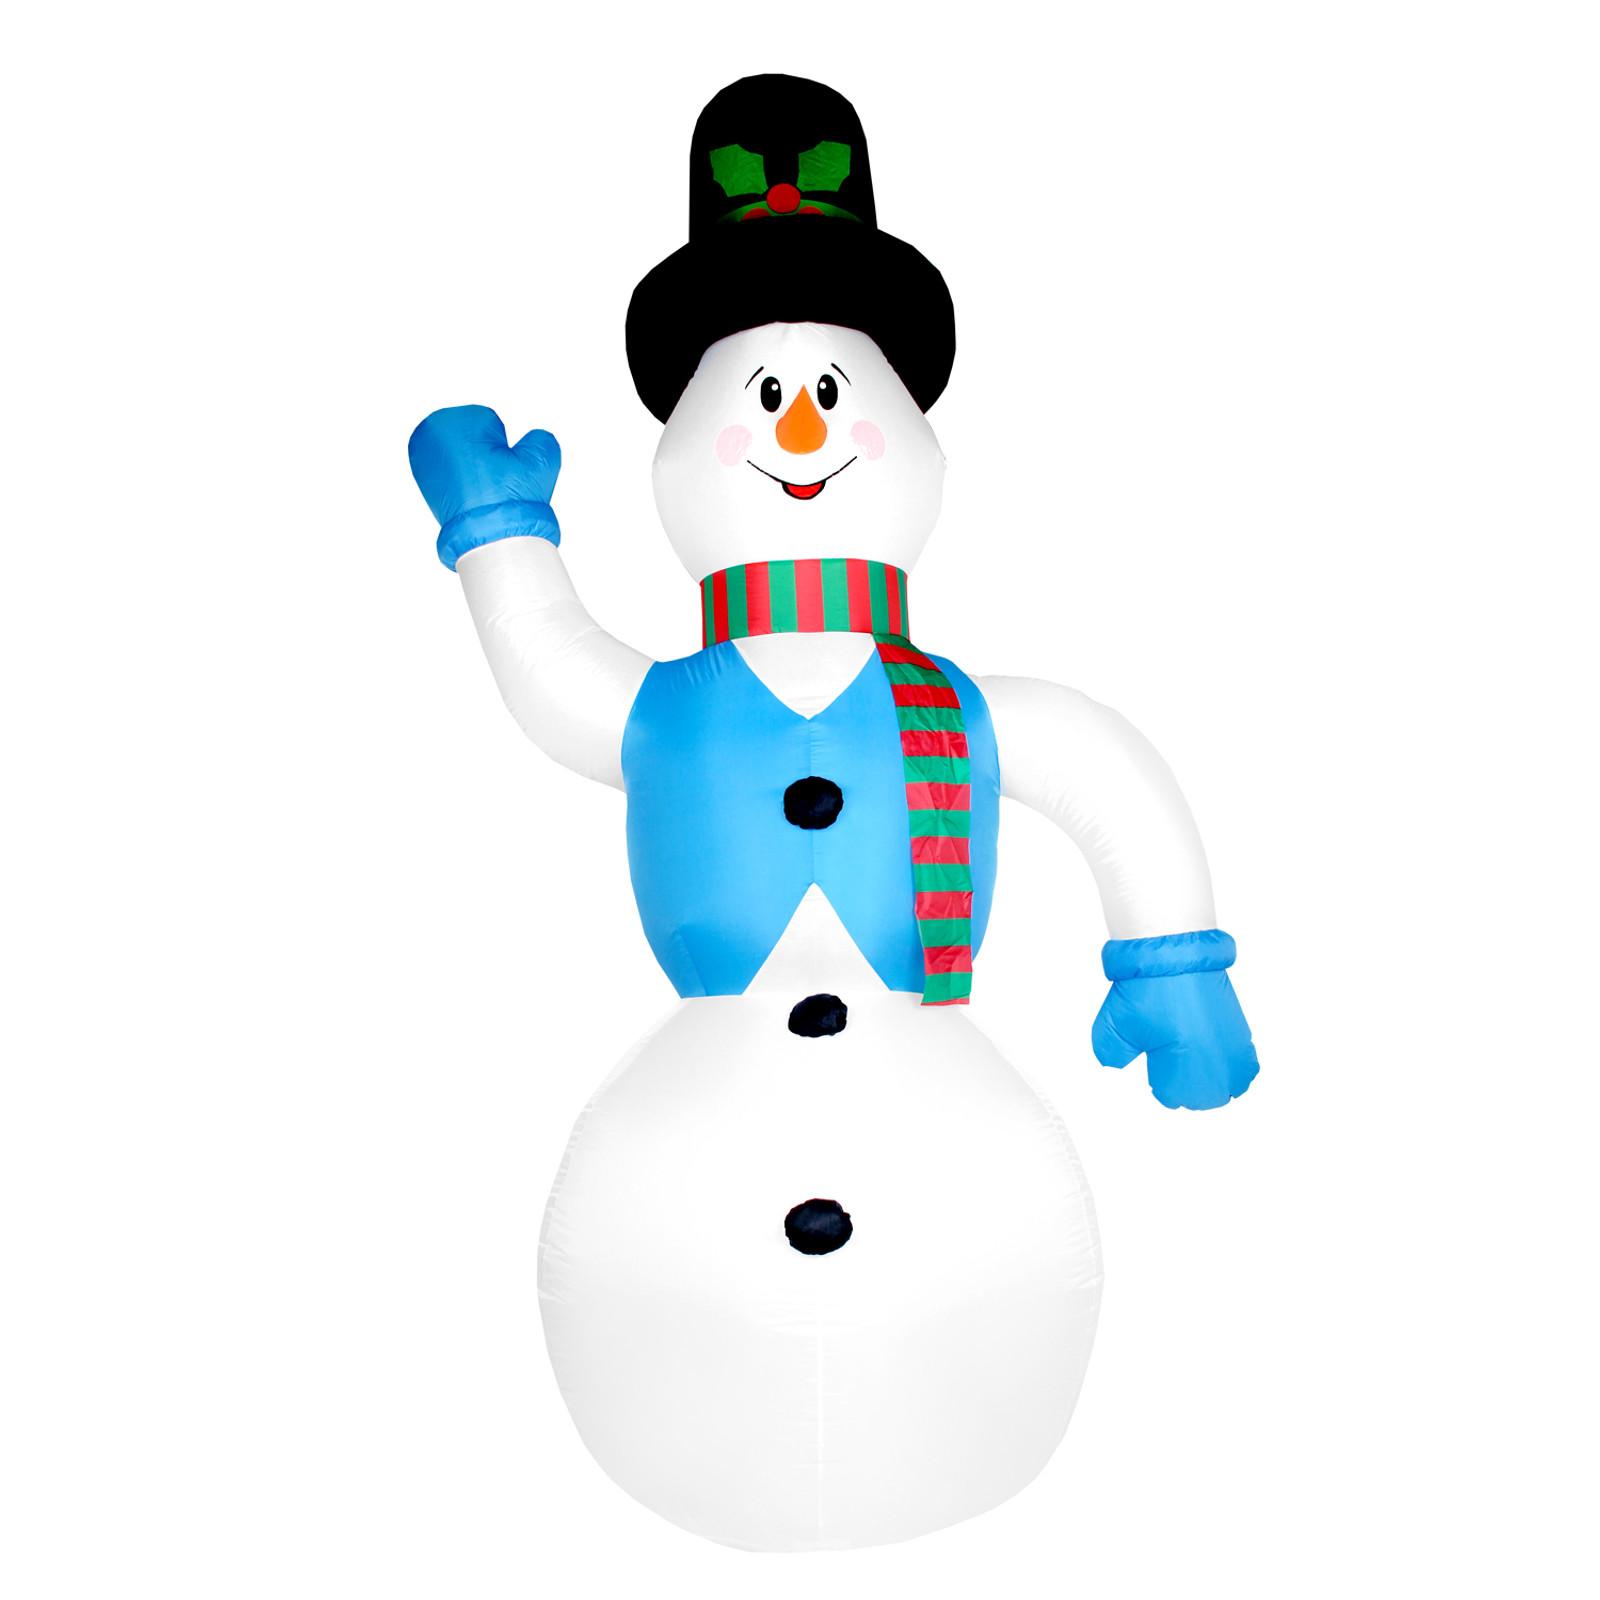 Weihnachtsdeko Aussen Schneemann.Aufblasbarer Schneemann 350 Cm Weihnachtsdekoration Aussen Xxl